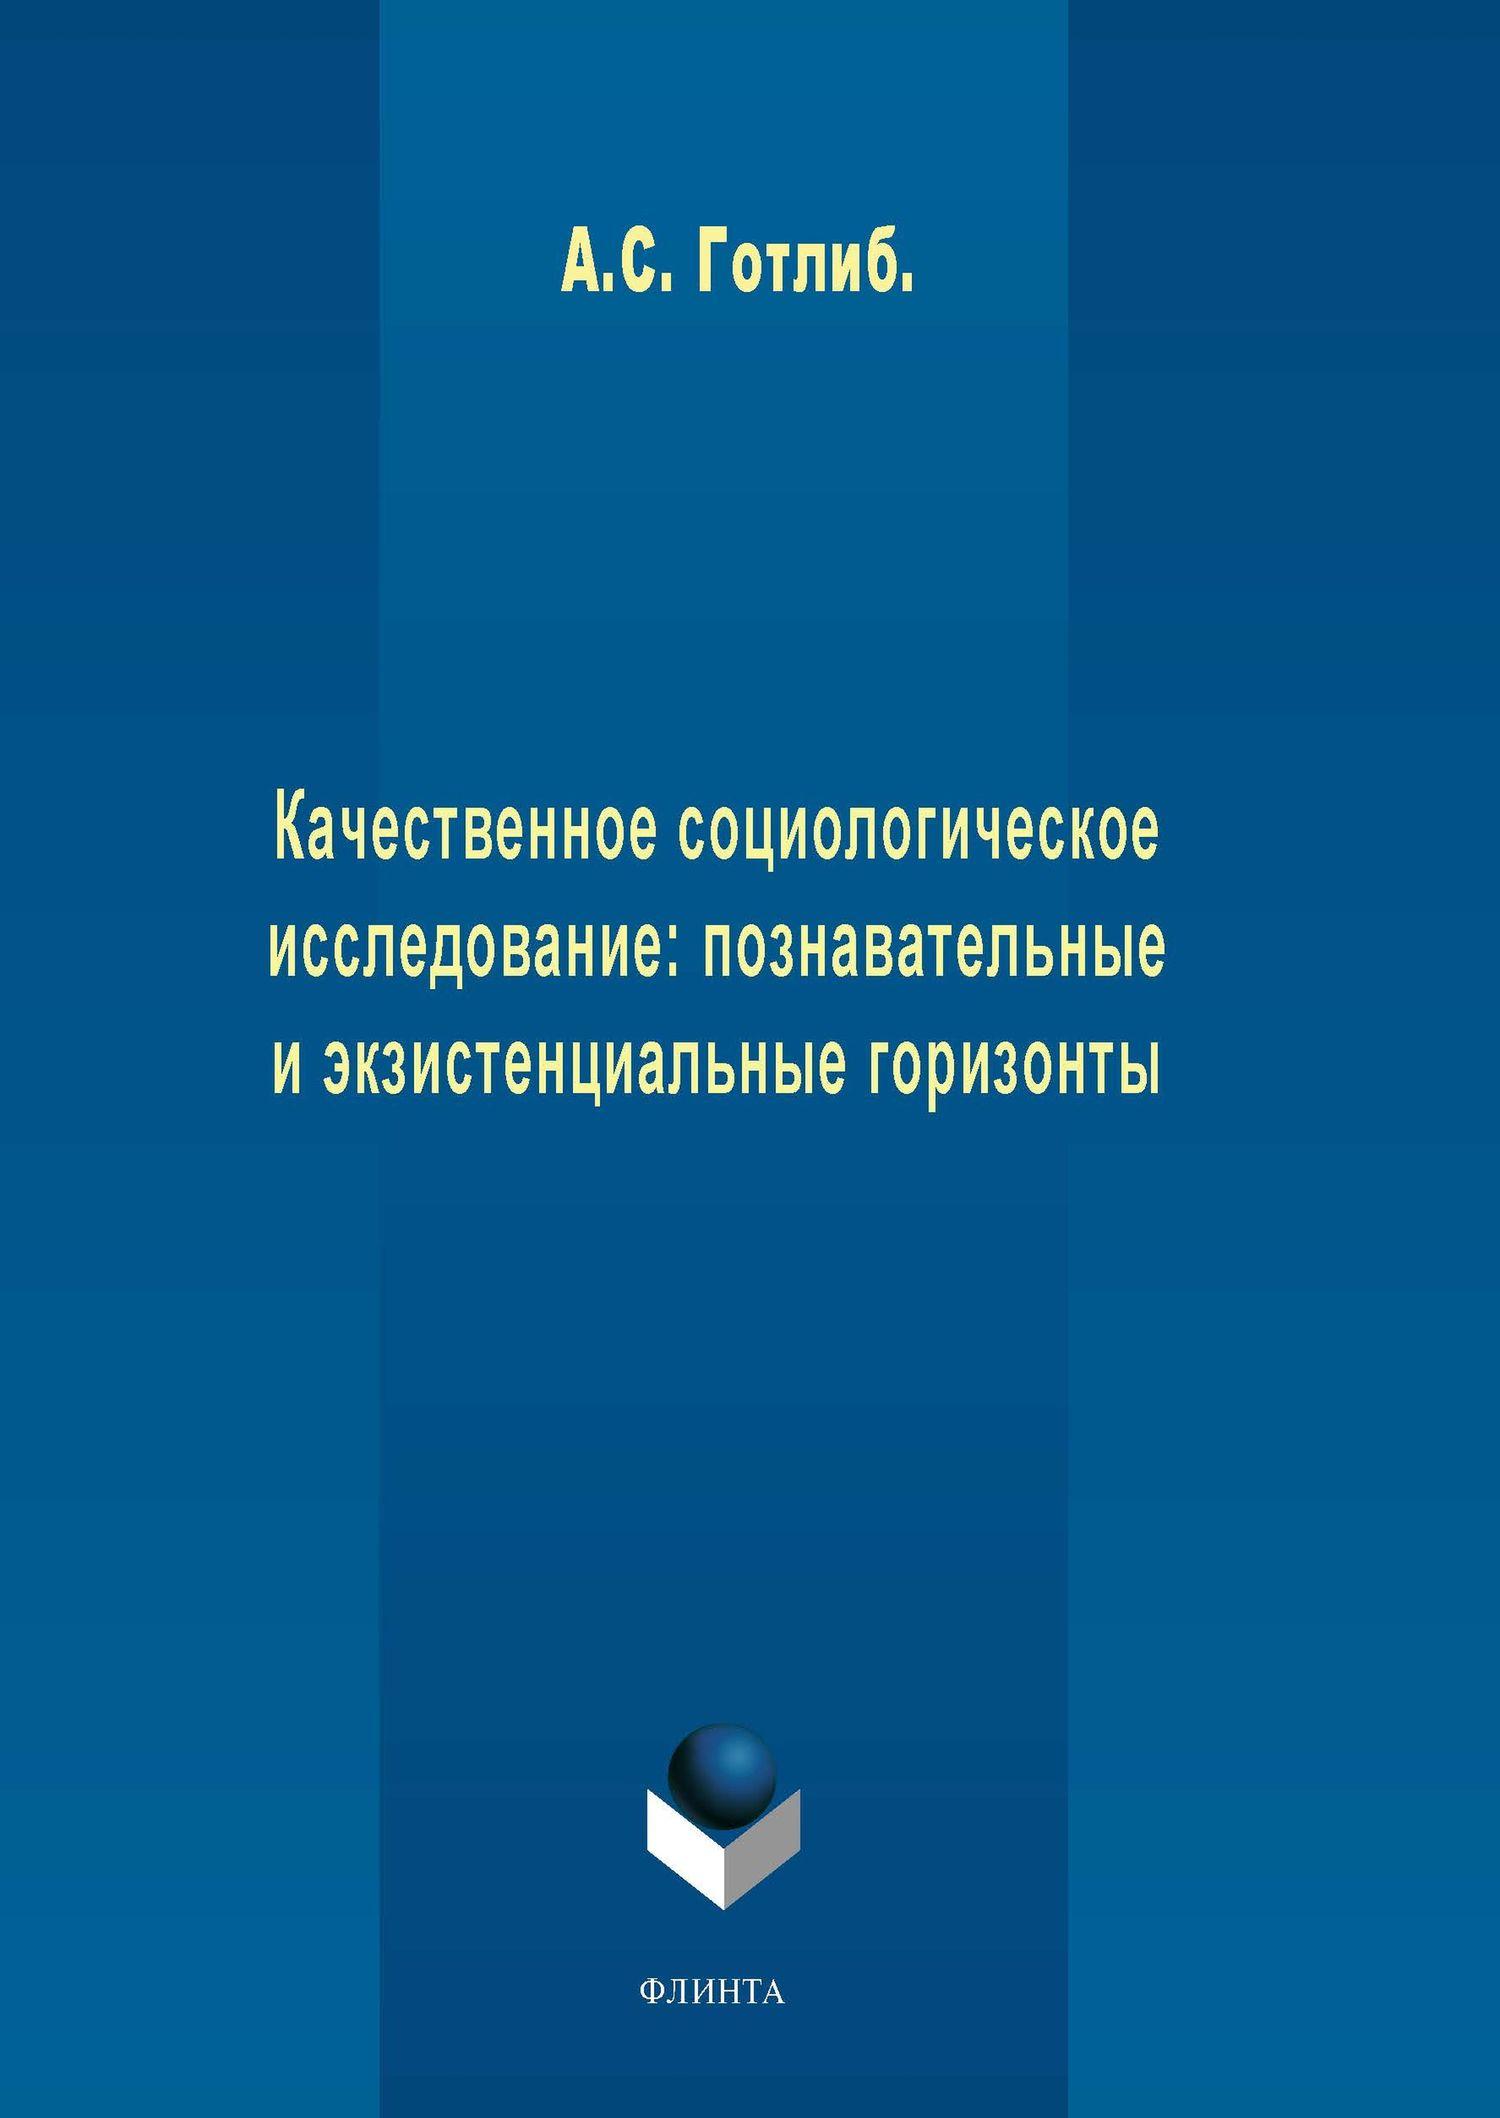 А. С. Готлиб Качественное социологическое исследование: познавательные и экзистенциальные горизонты